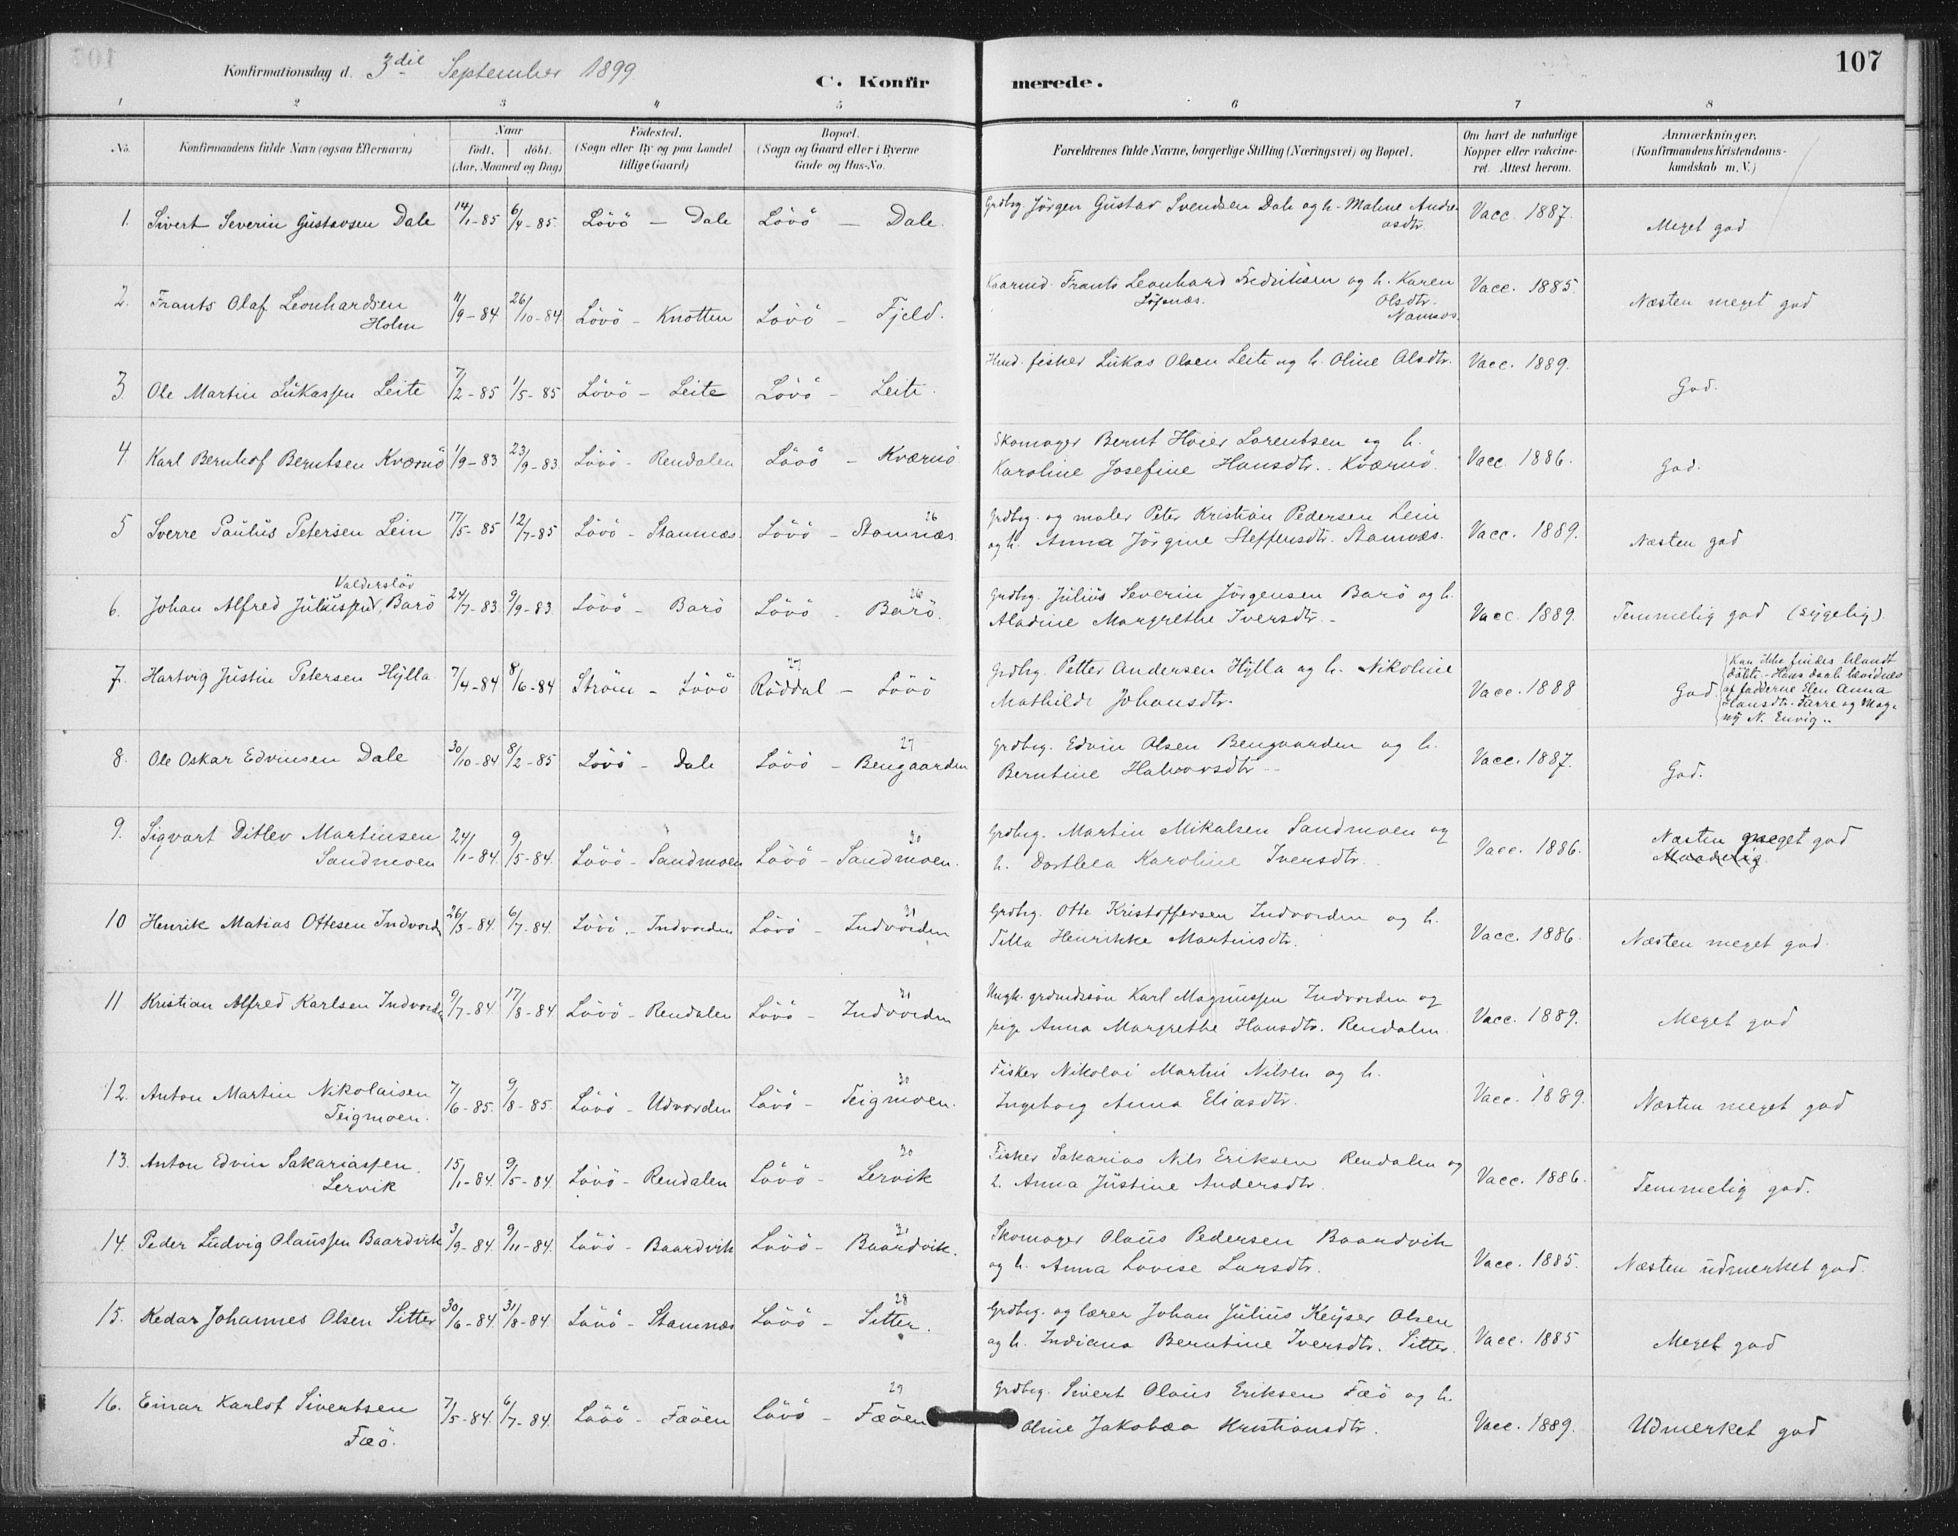 SAT, Ministerialprotokoller, klokkerbøker og fødselsregistre - Nord-Trøndelag, 772/L0603: Ministerialbok nr. 772A01, 1885-1912, s. 107